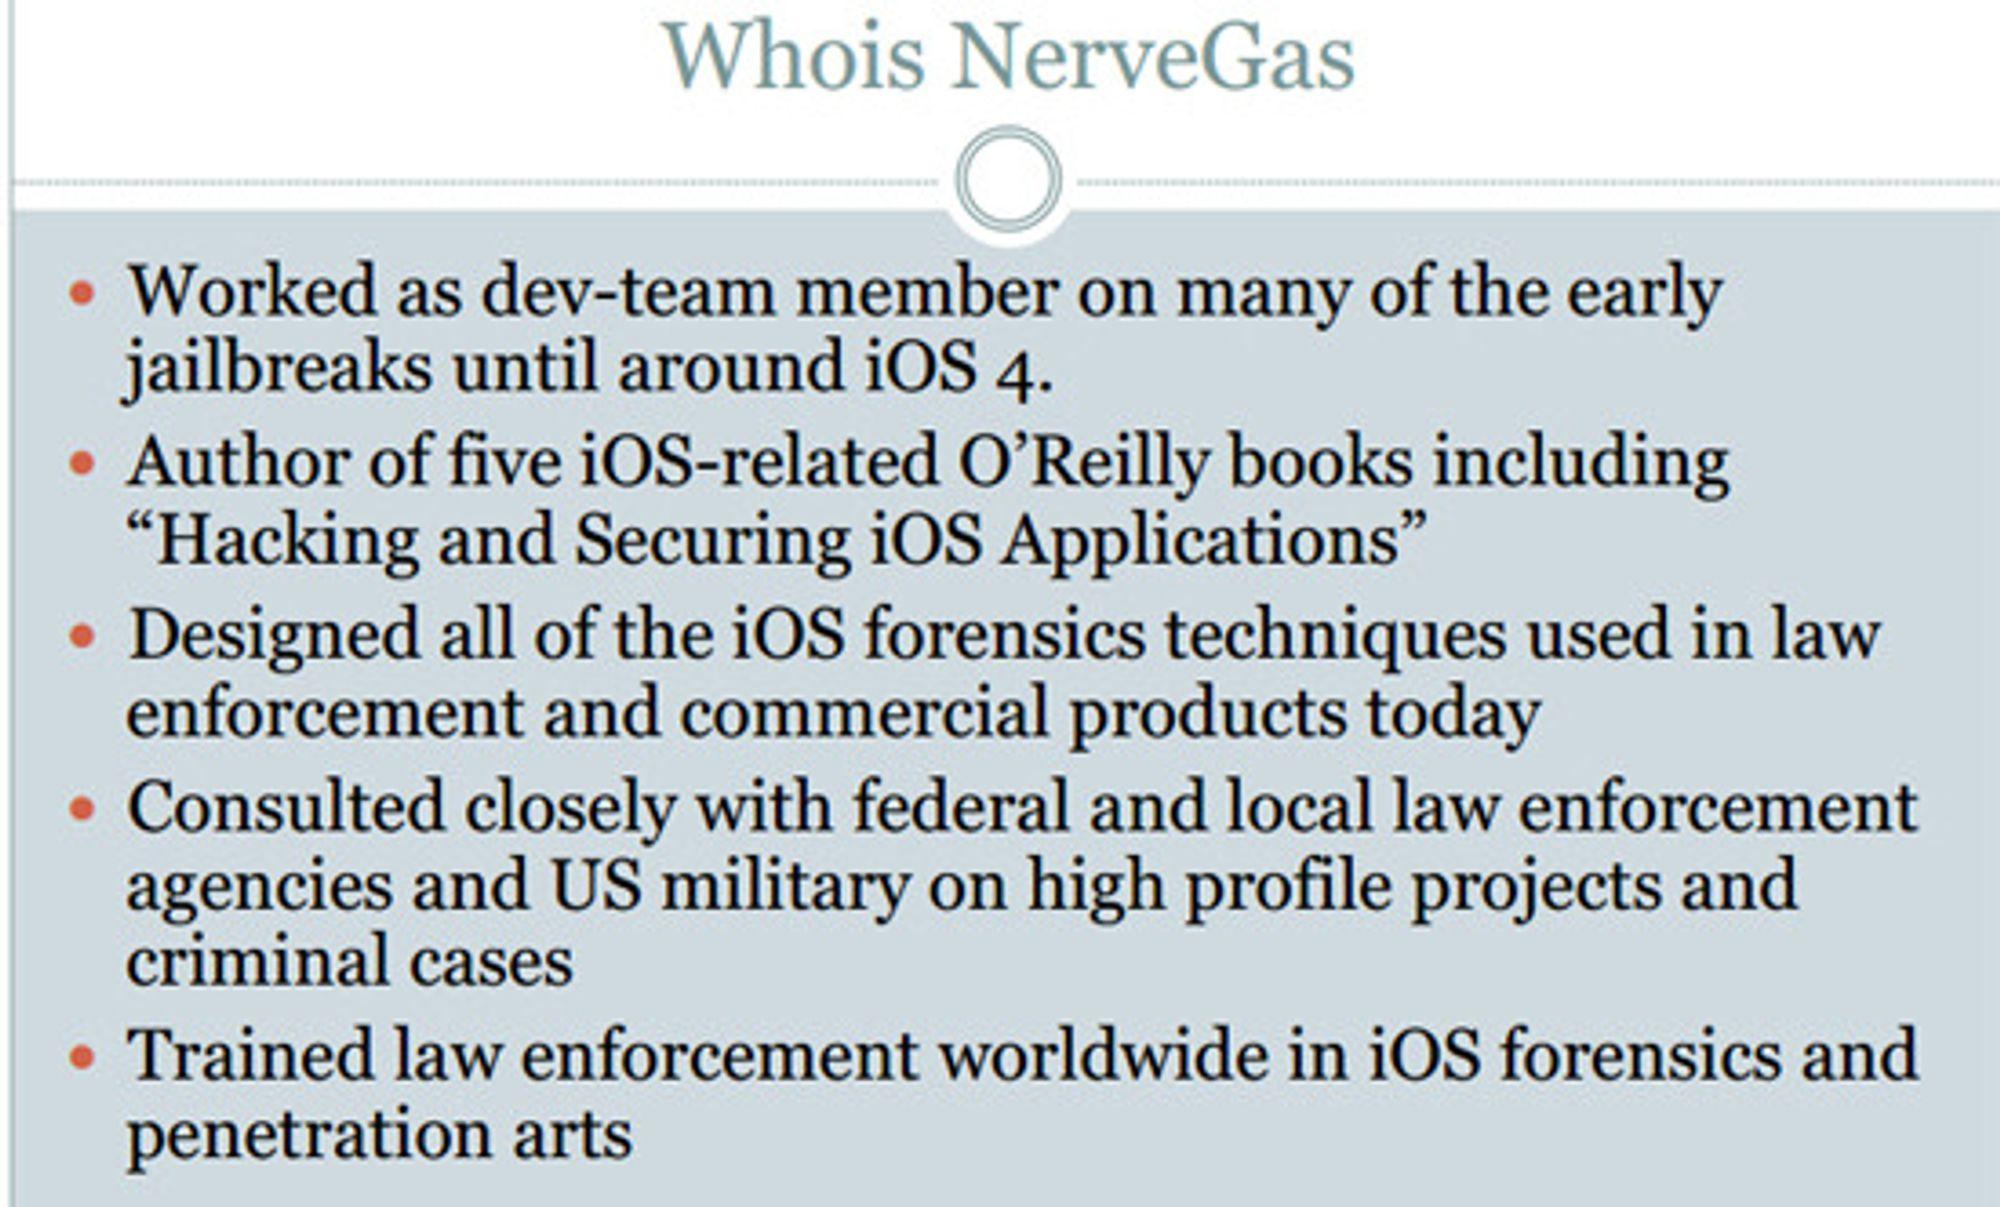 Zdziarski gjør det klart at han har lang erfaring med iOS-hacking. Følgelig burde han vite hva han snakker om.